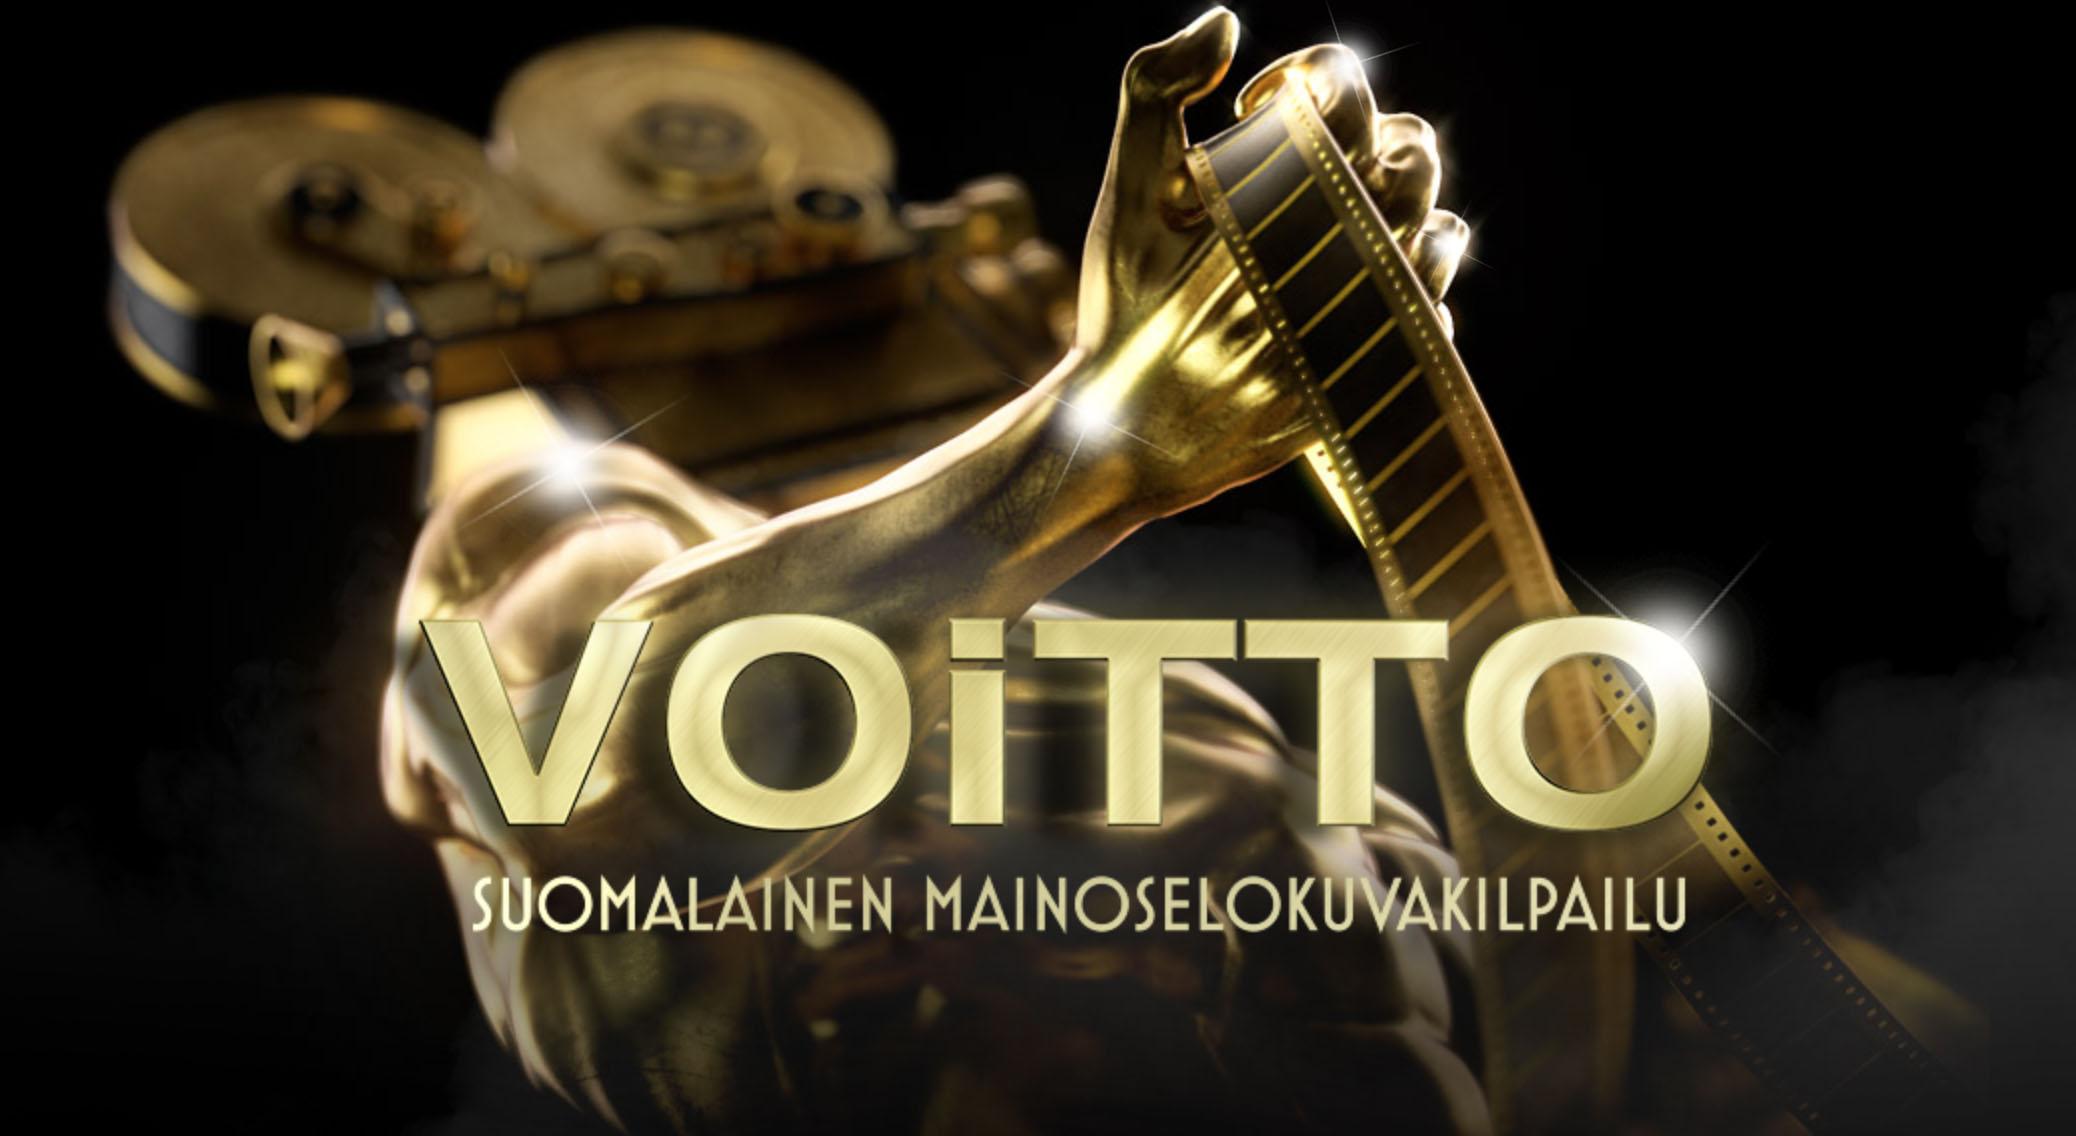 Voitto – Suomalainen mainoselokuvakilpailu 2015